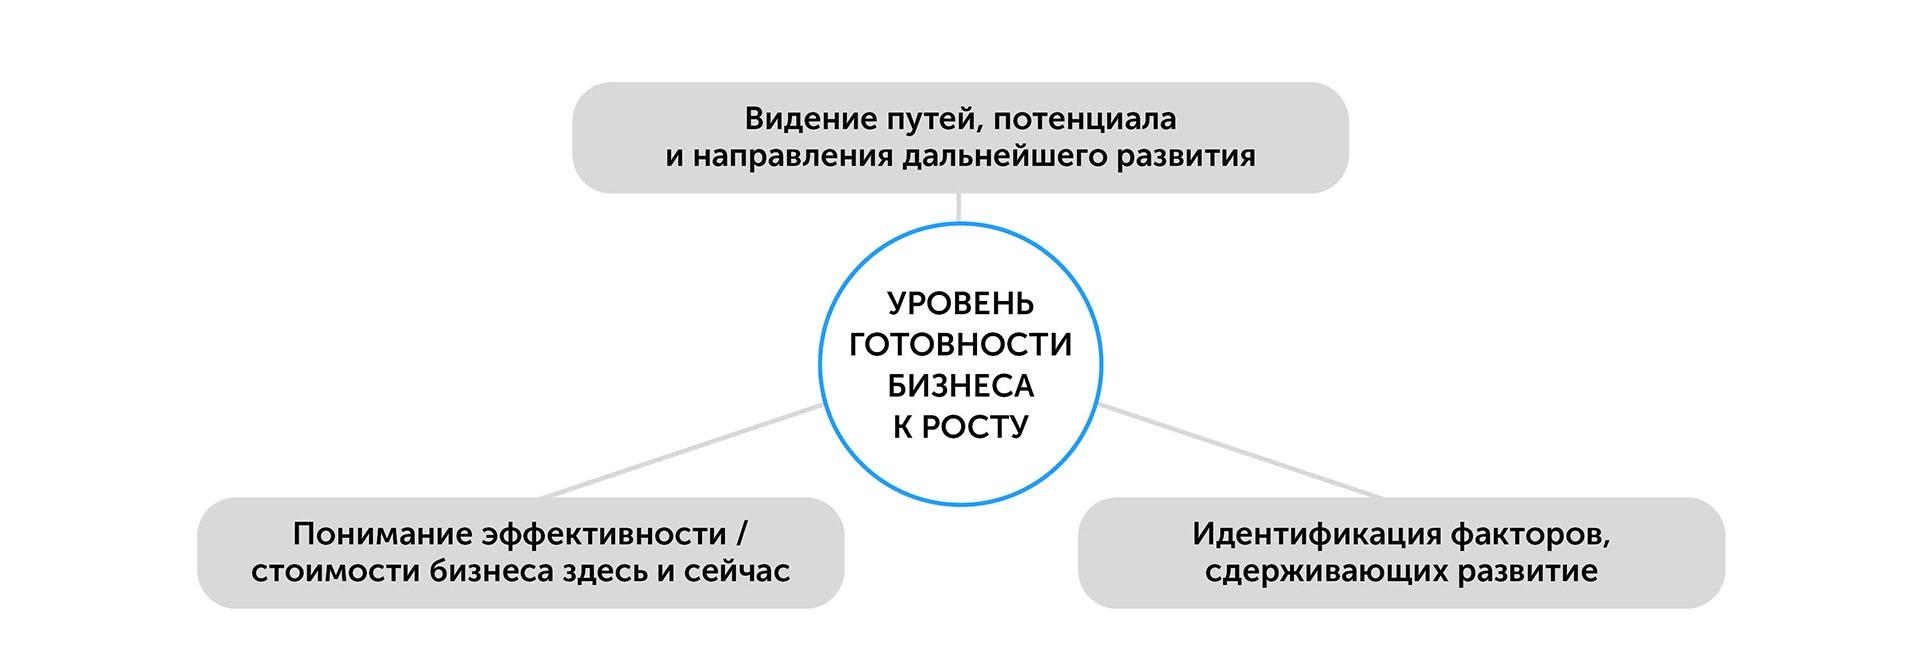 Бизнес: подготовка к росту   Kyivstar Business Hub изображение №45